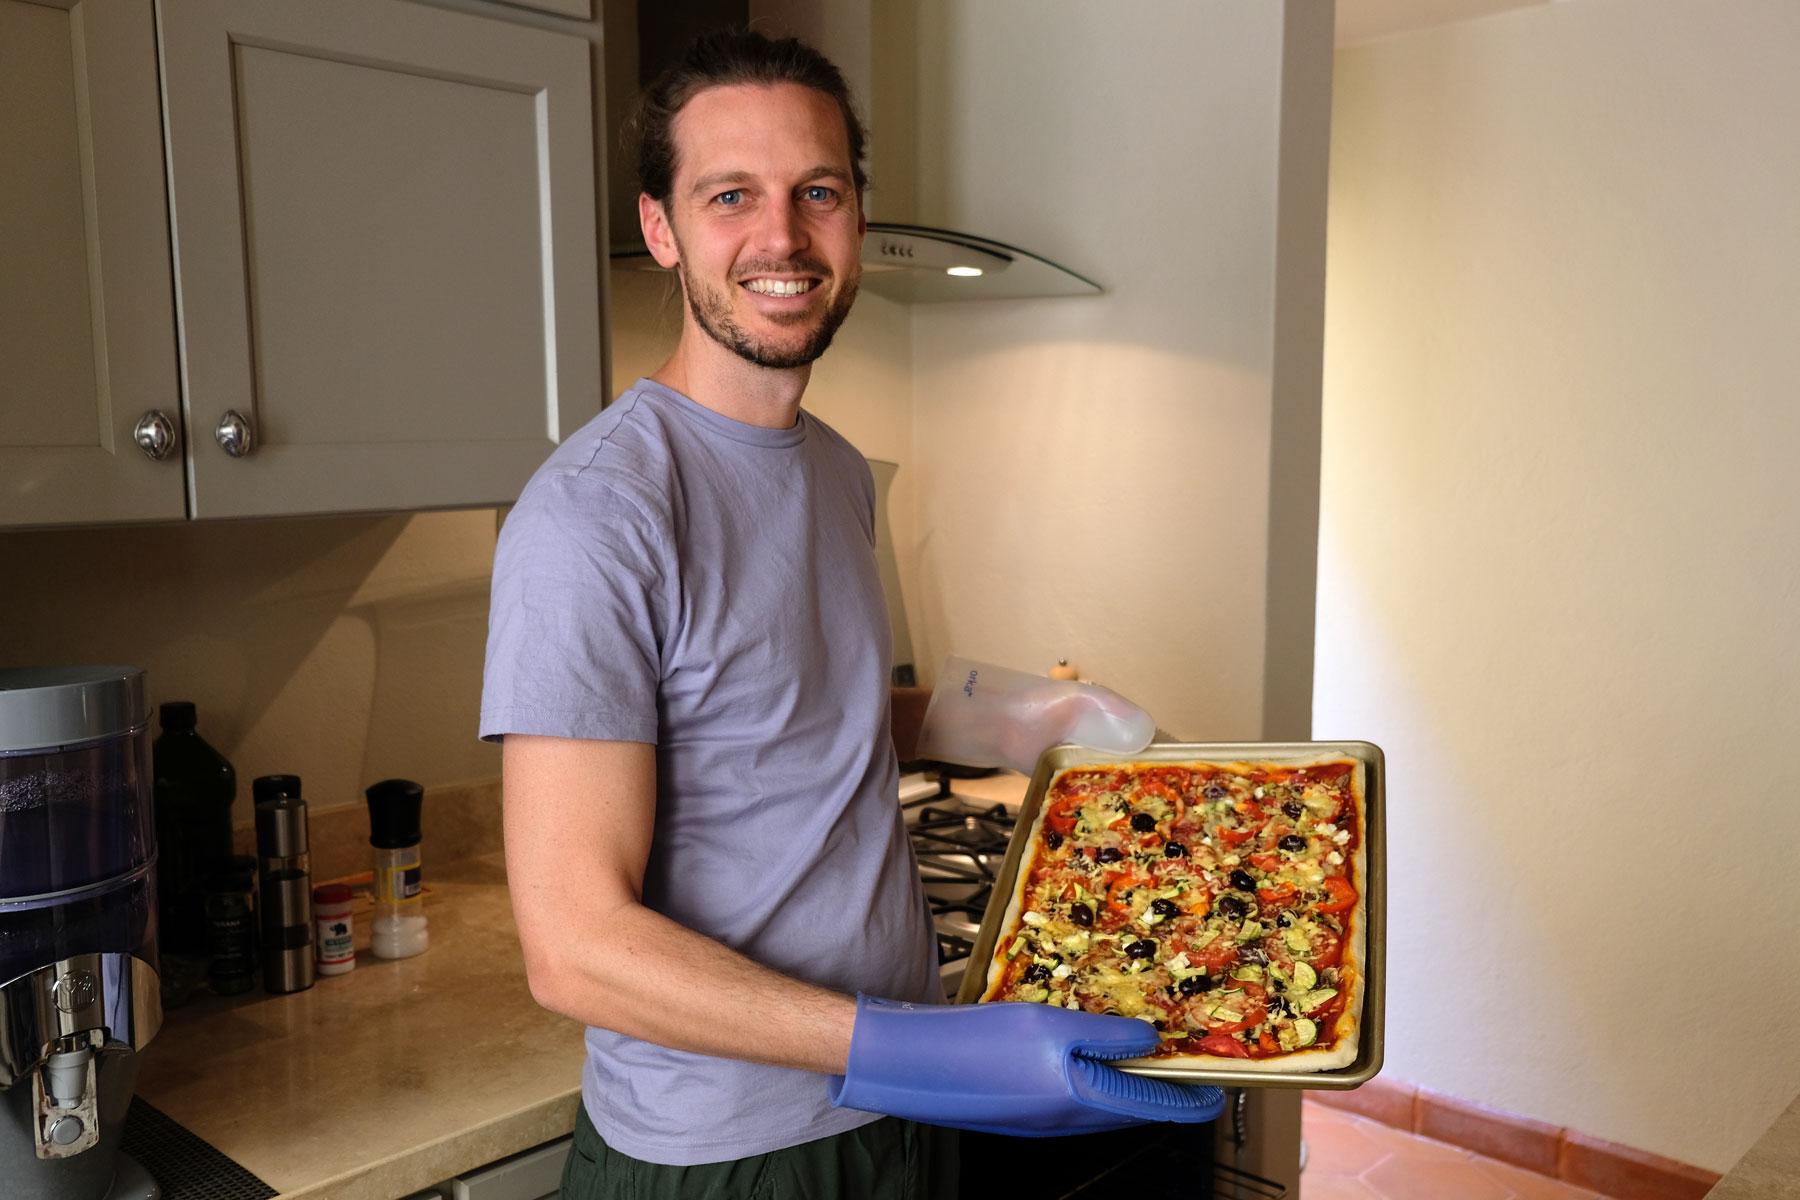 Sebastian zeigt stolz die von ihm gebackene Pizza bei unserem House Sit in San Miguel de Allende in Mexiko.